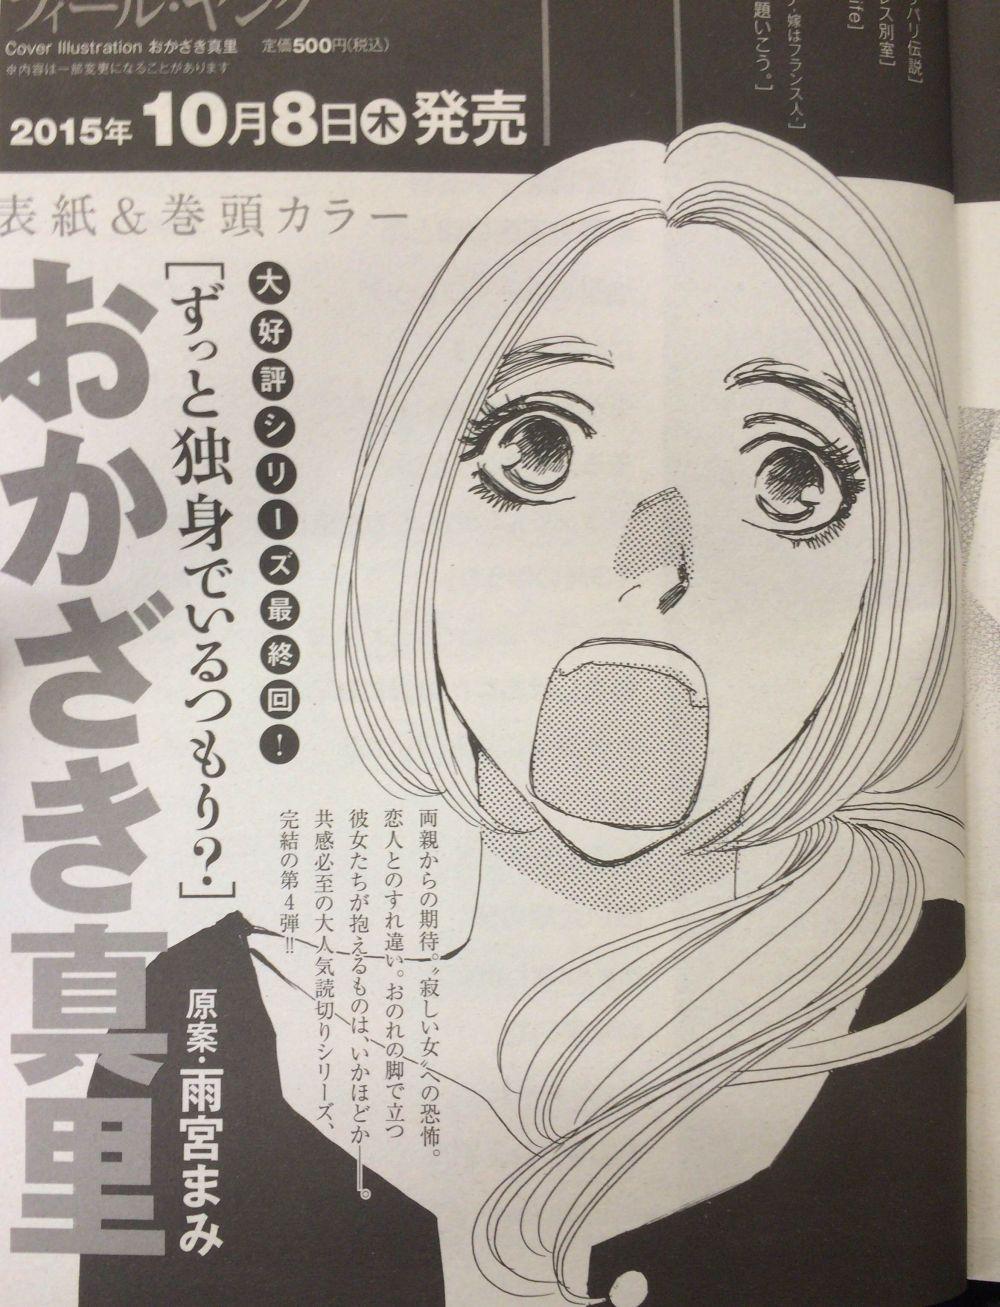 만화가 '오카자키 마리' 선생의 작품 '계속 독신으로 있..